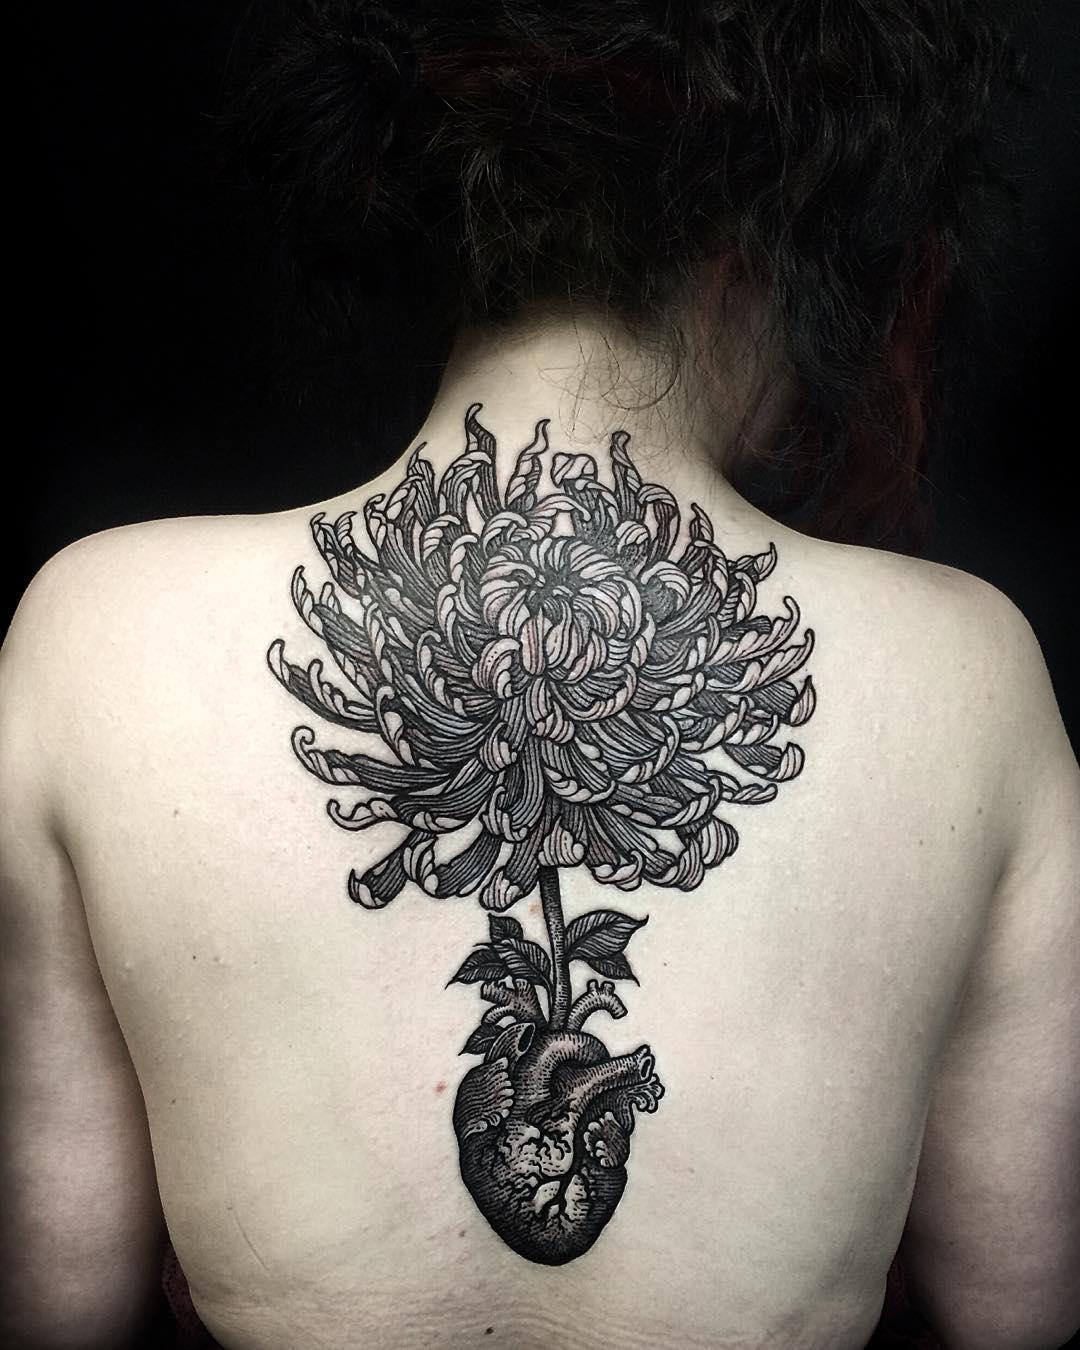 Heart Fower Tattoo